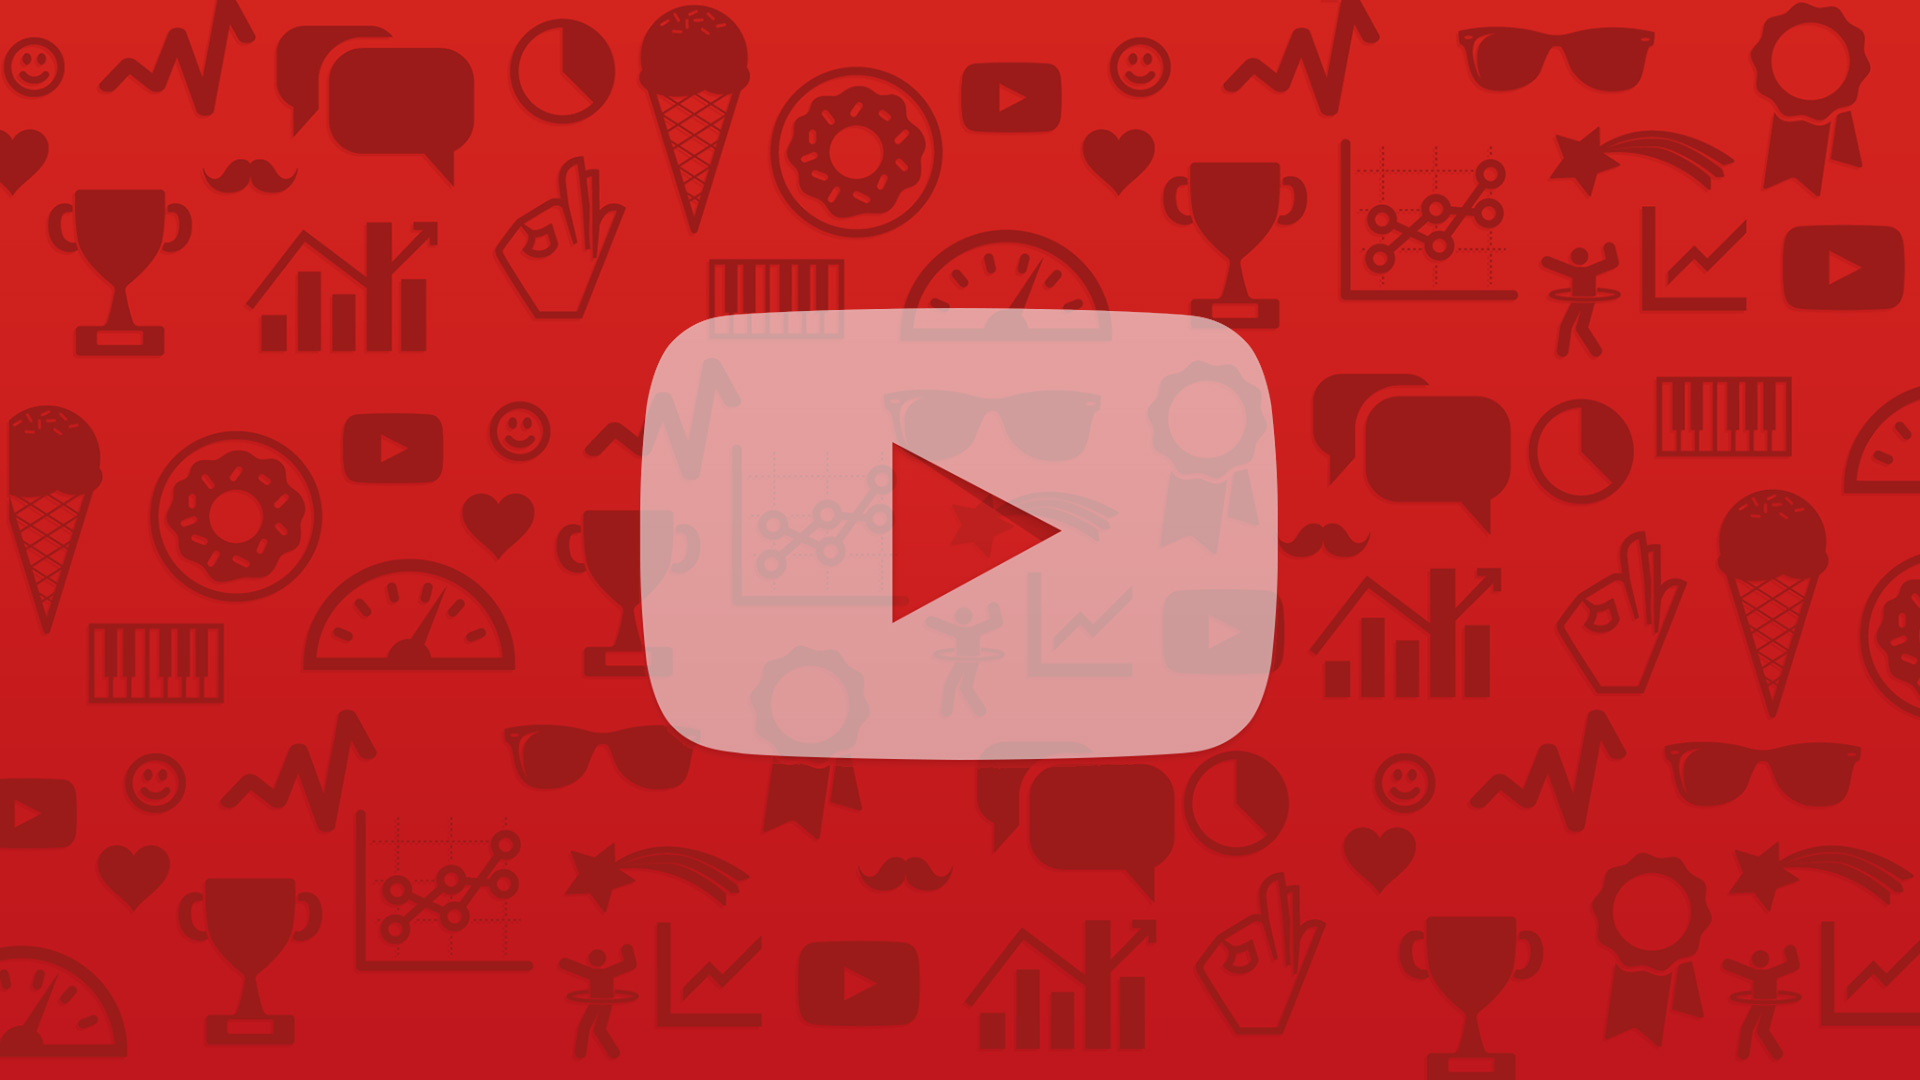 كيف يمكنك إيقاف إشعارات يوتيوب؟